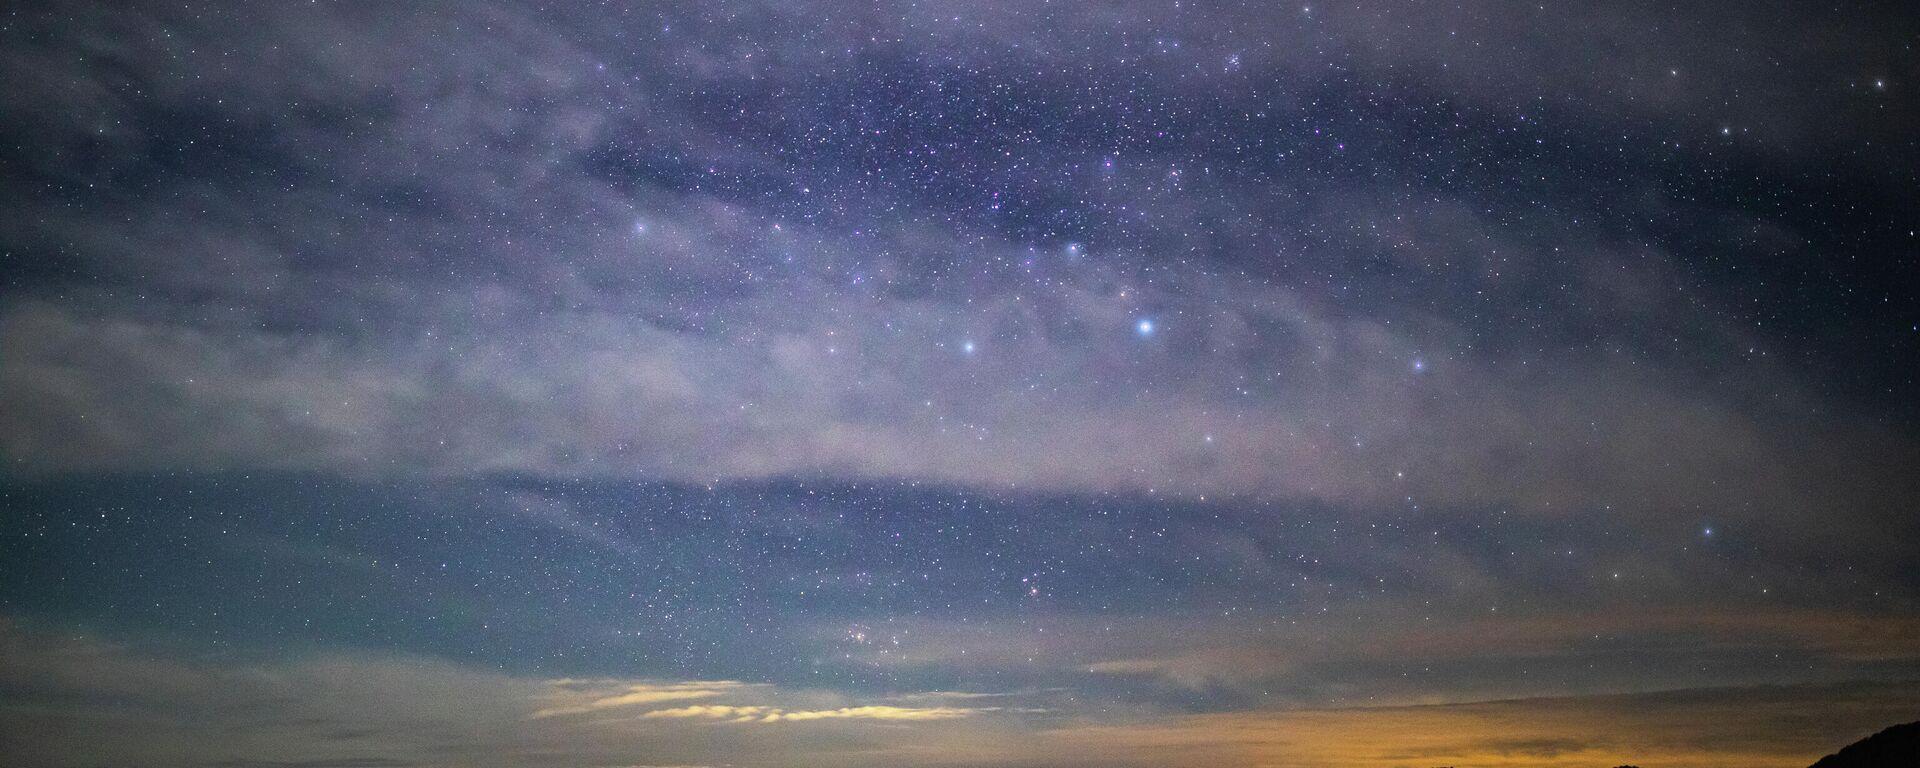 Nachthimmel (Symbolbild) - SNA, 1920, 17.07.2021